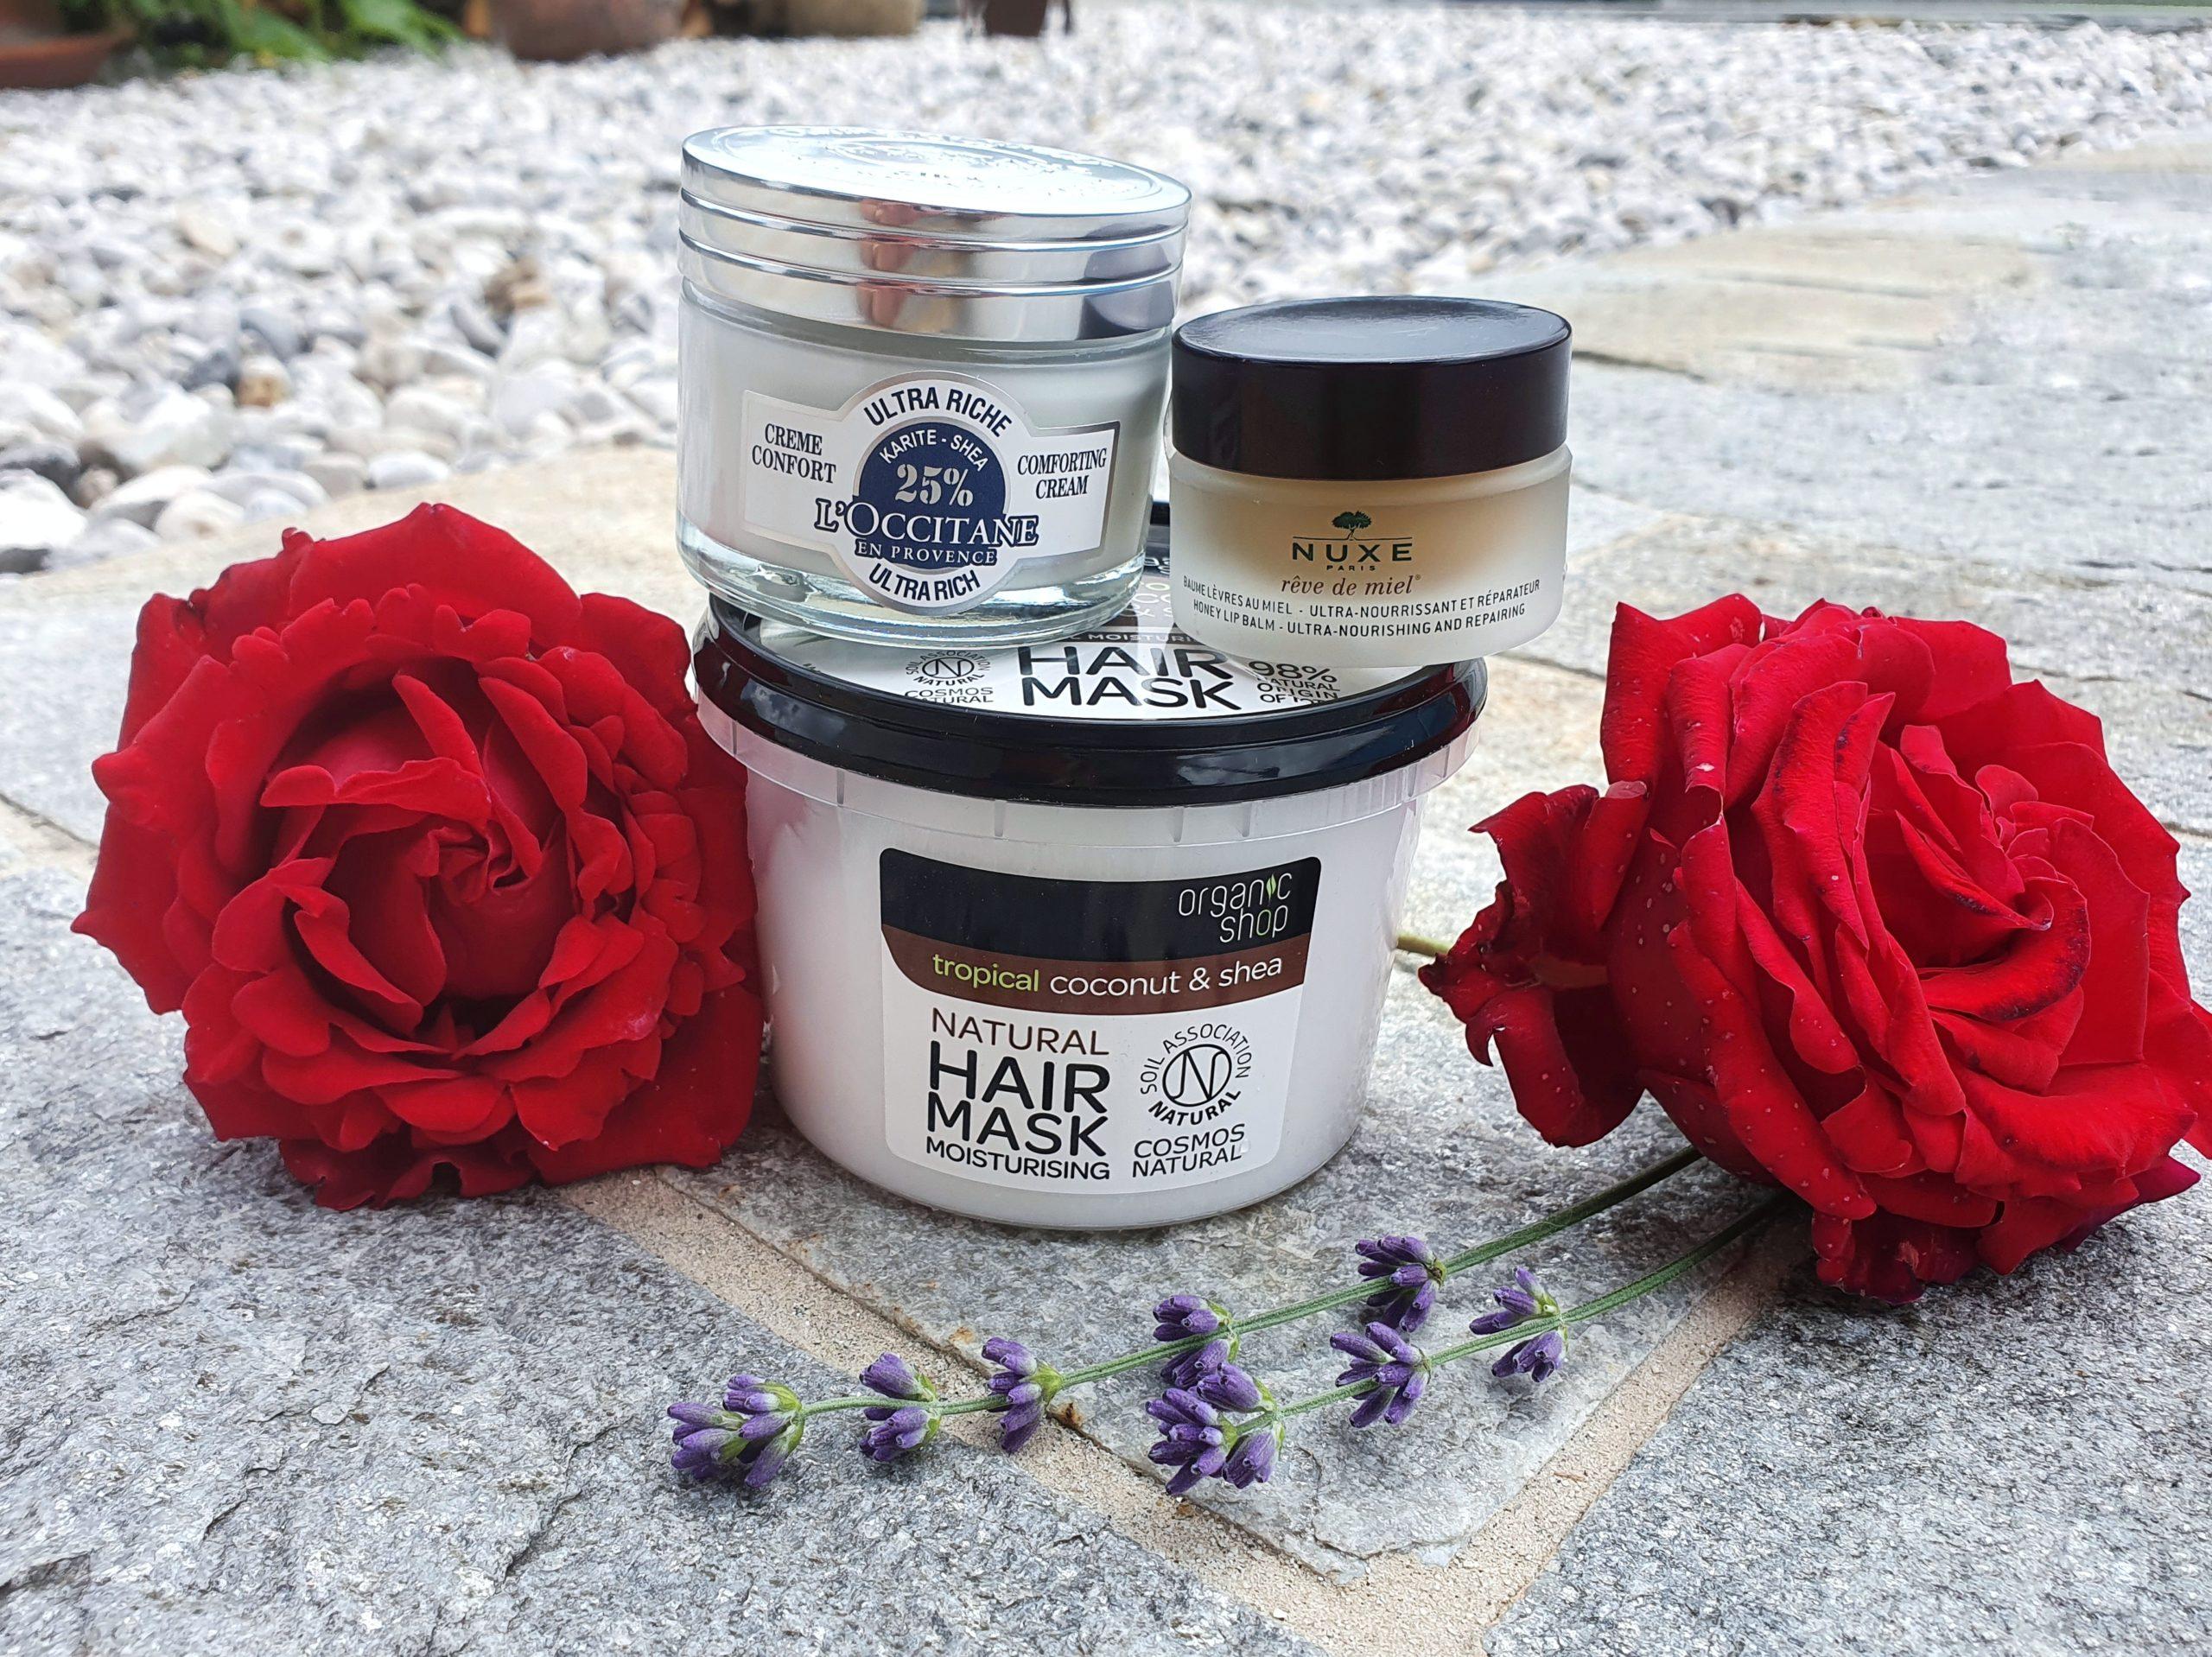 Nuxe Lippenbalsam, Organic Shop Kokos Haarmaske, Gesichtscreme mit Sheabutter von L'Occitane.